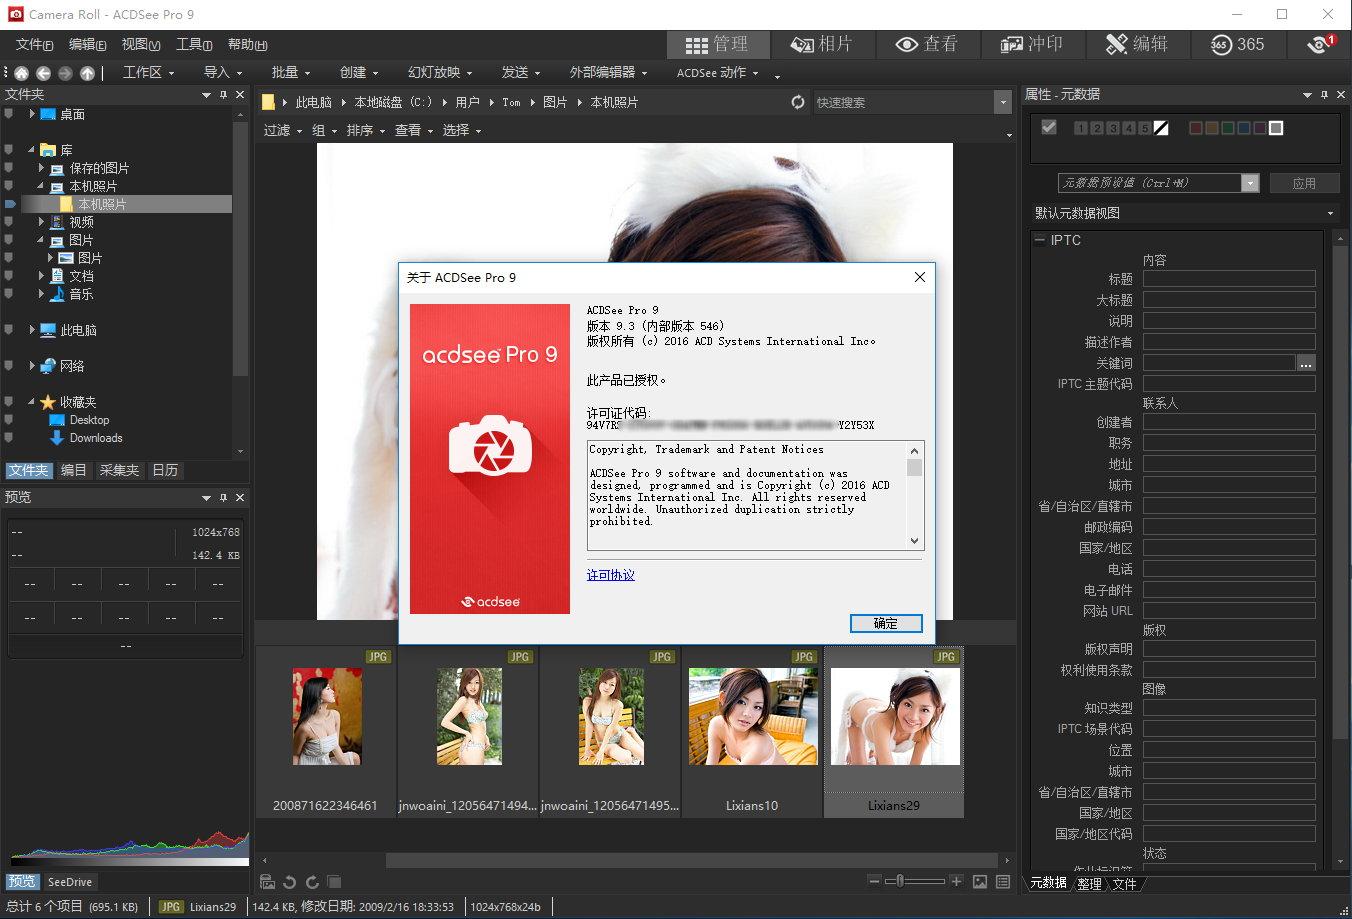 ACDSee Pro 9.3.0.546 x86/x64 中文注册版附注册机-摄影师必备